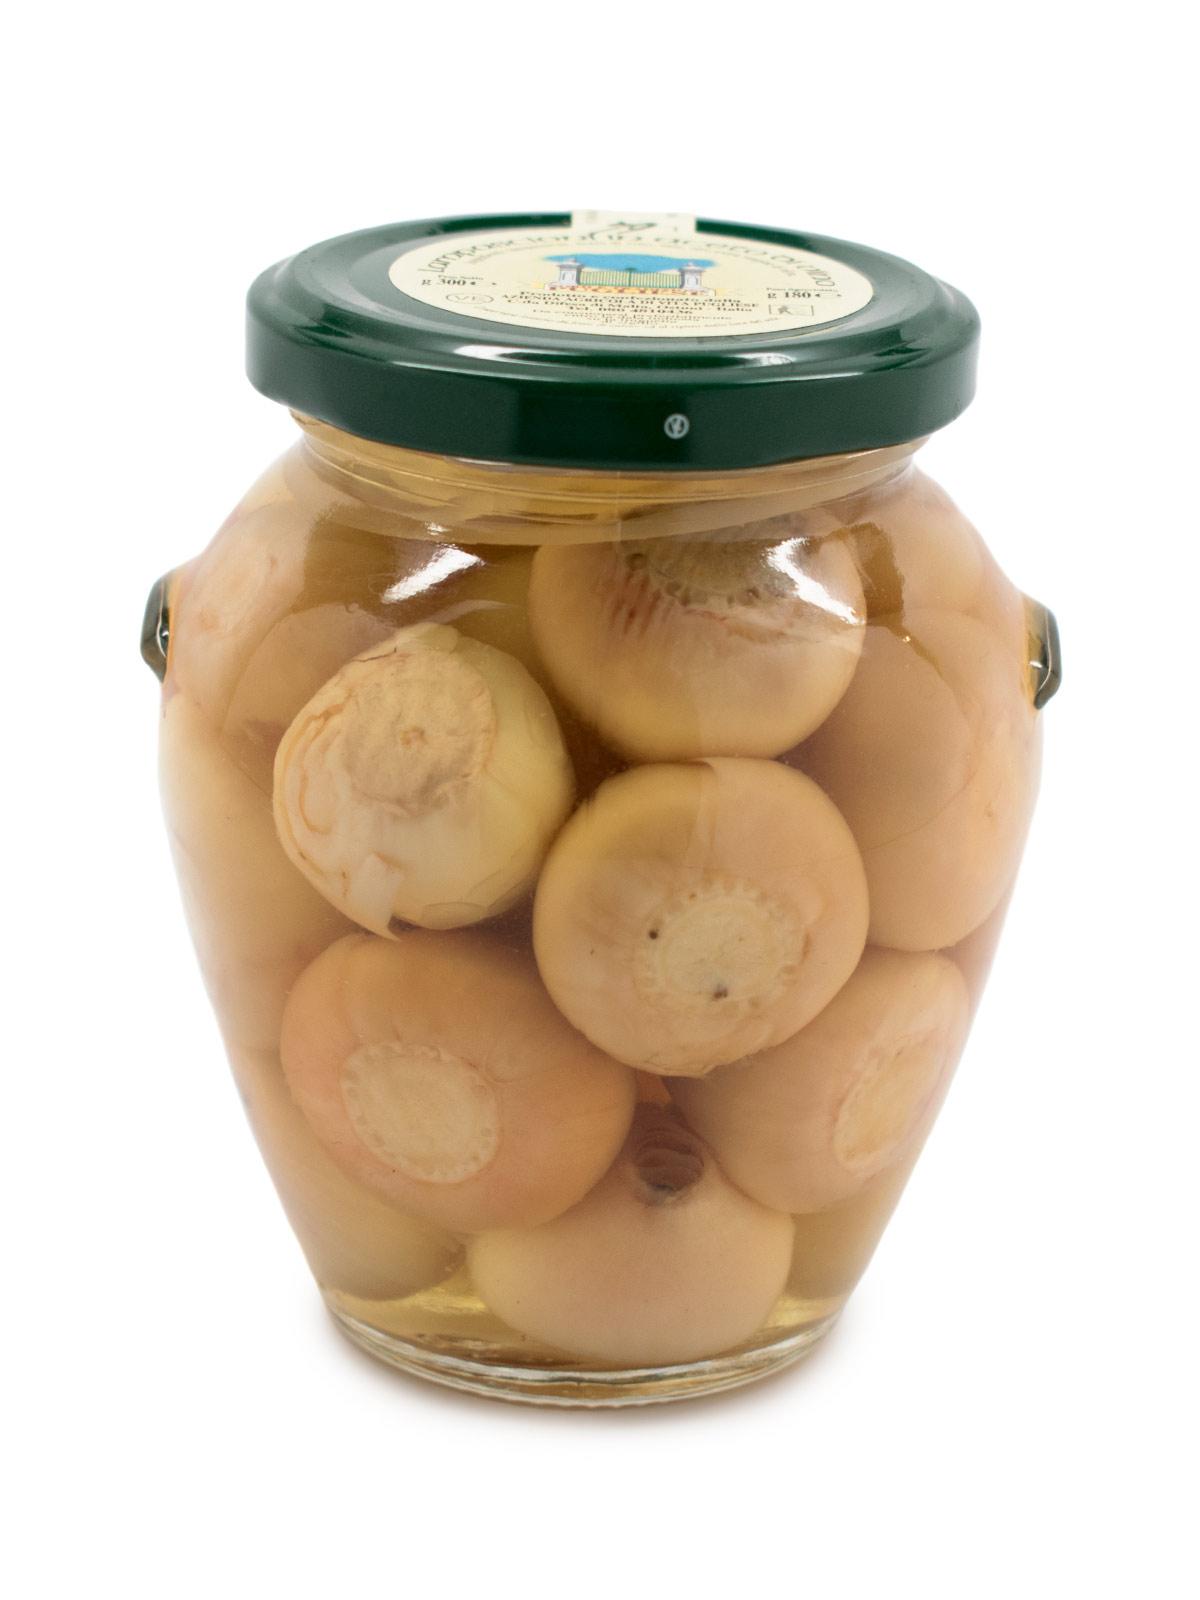 Lampascioni in Wine Vinegar - Vegetables - Buon'Italia